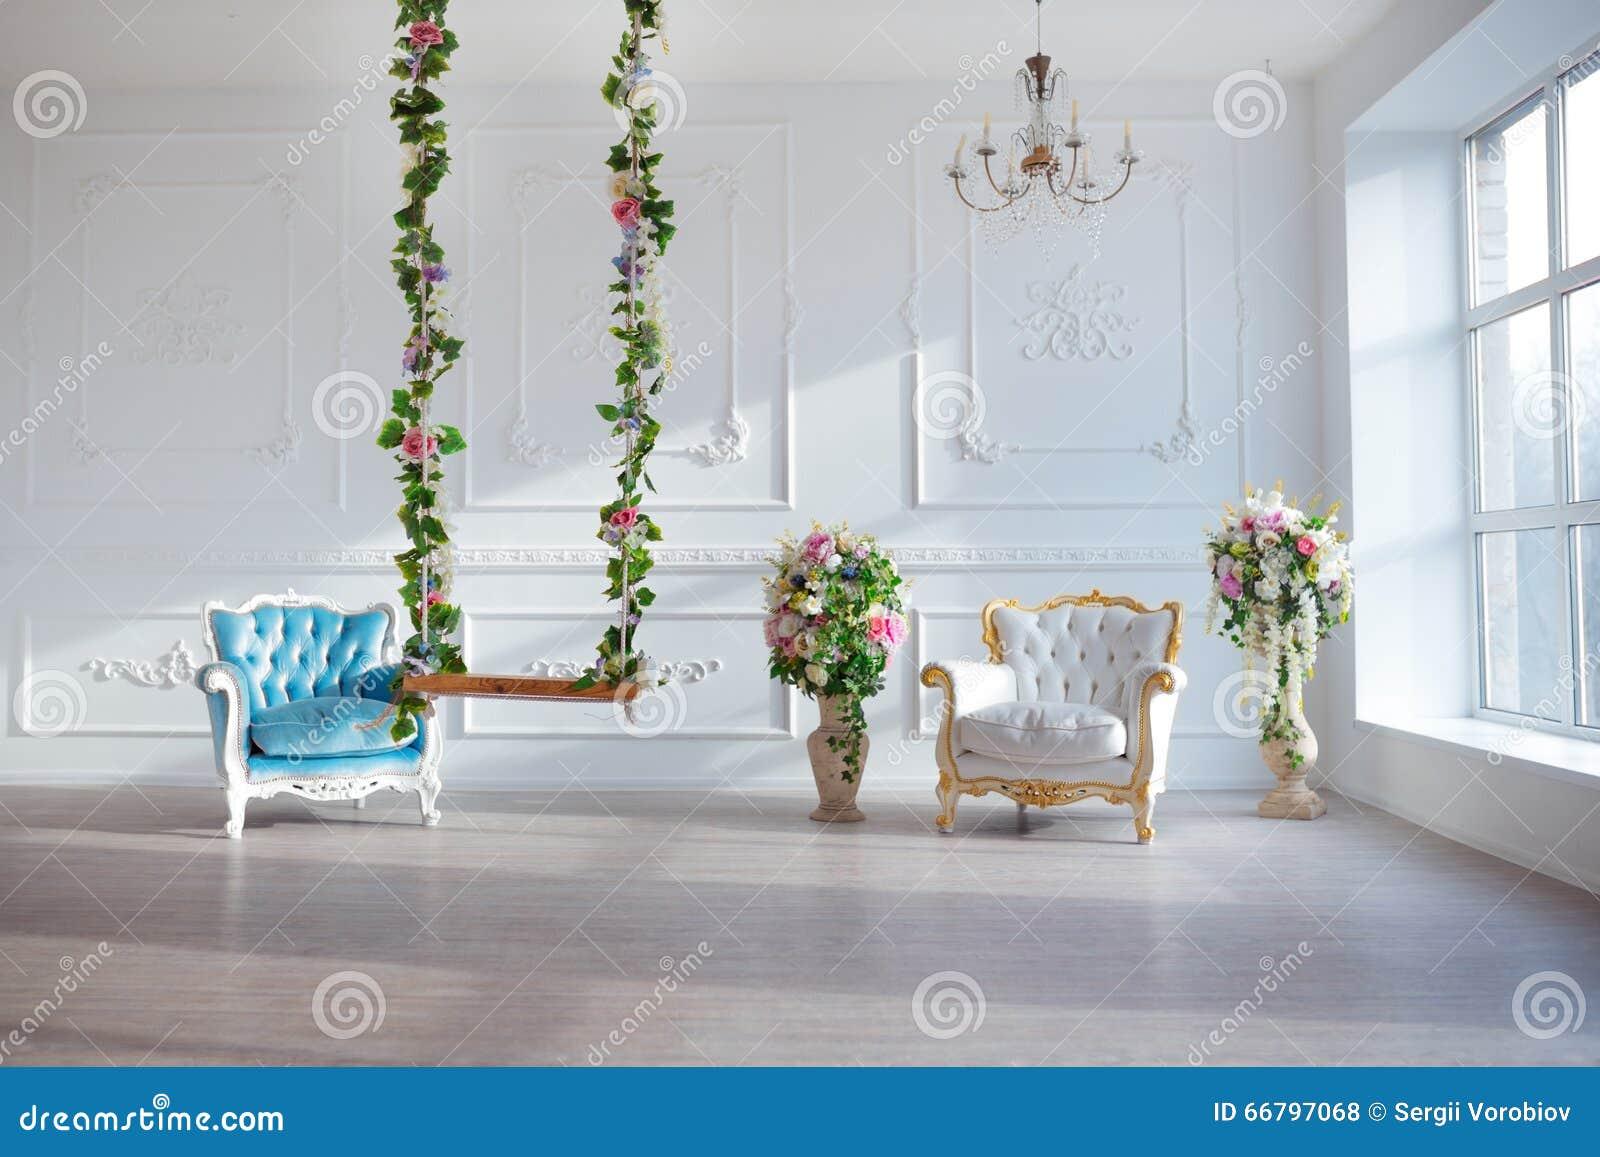 Η άσπρη καρέκλα ύφους δέρματος εκλεκτής ποιότητας στο κλασσικό εσωτερικό δωμάτιο με το μεγάλα παράθυρο και το ελατήριο ανθίζει